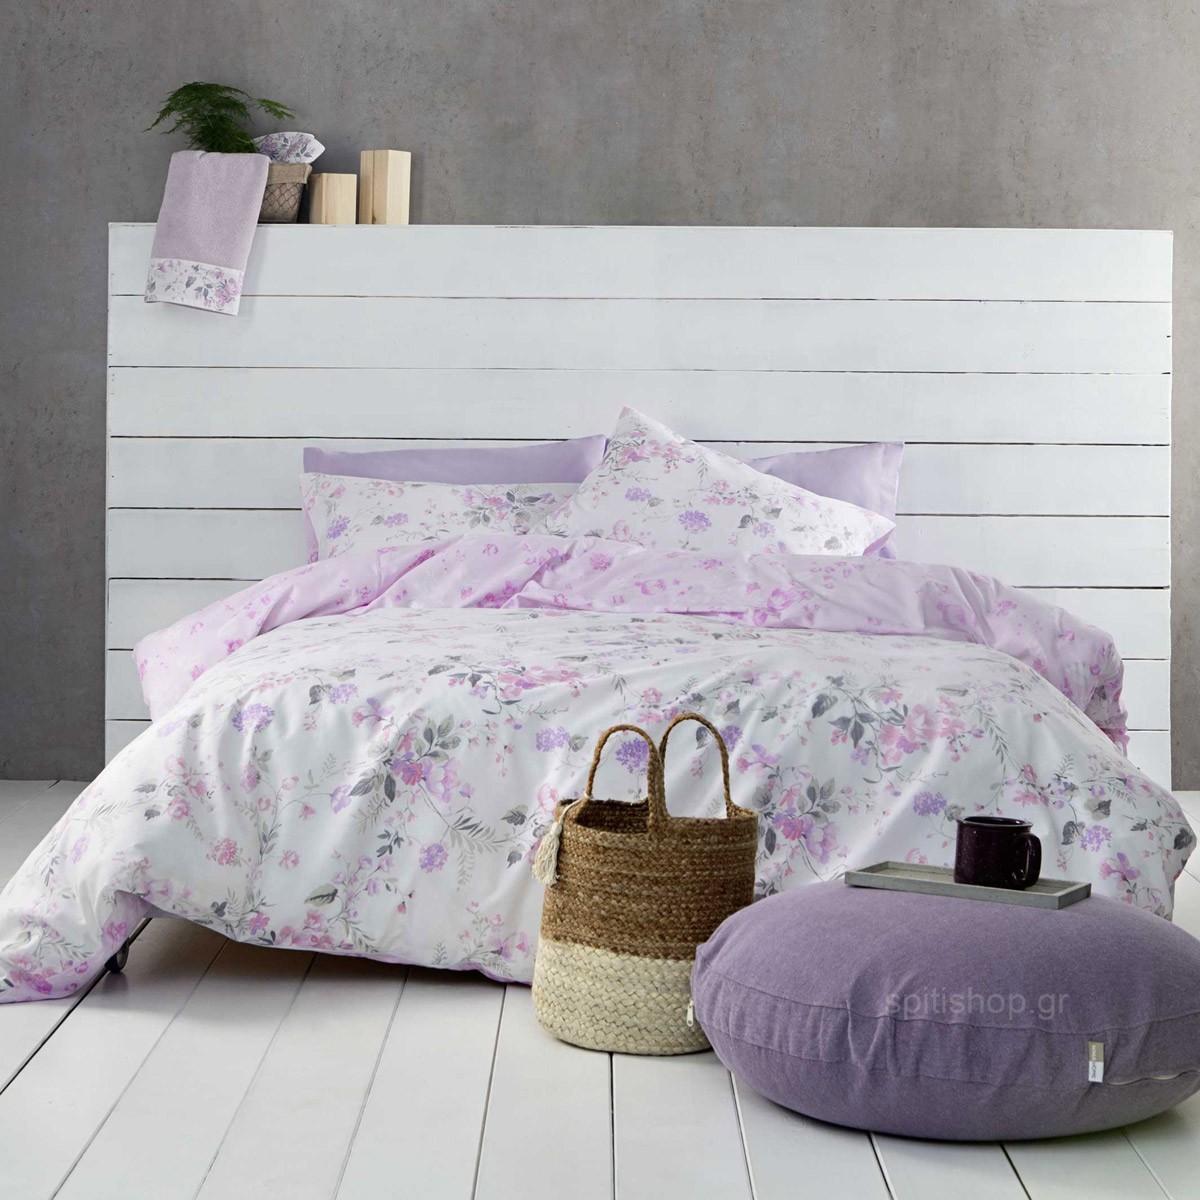 Σεντόνια Μονά (Σετ) Nima Bed Linen Floret Pink ΧΩΡΙΣ ΛΑΣΤΙΧΟ ΧΩΡΙΣ ΛΑΣΤΙΧΟ 89143